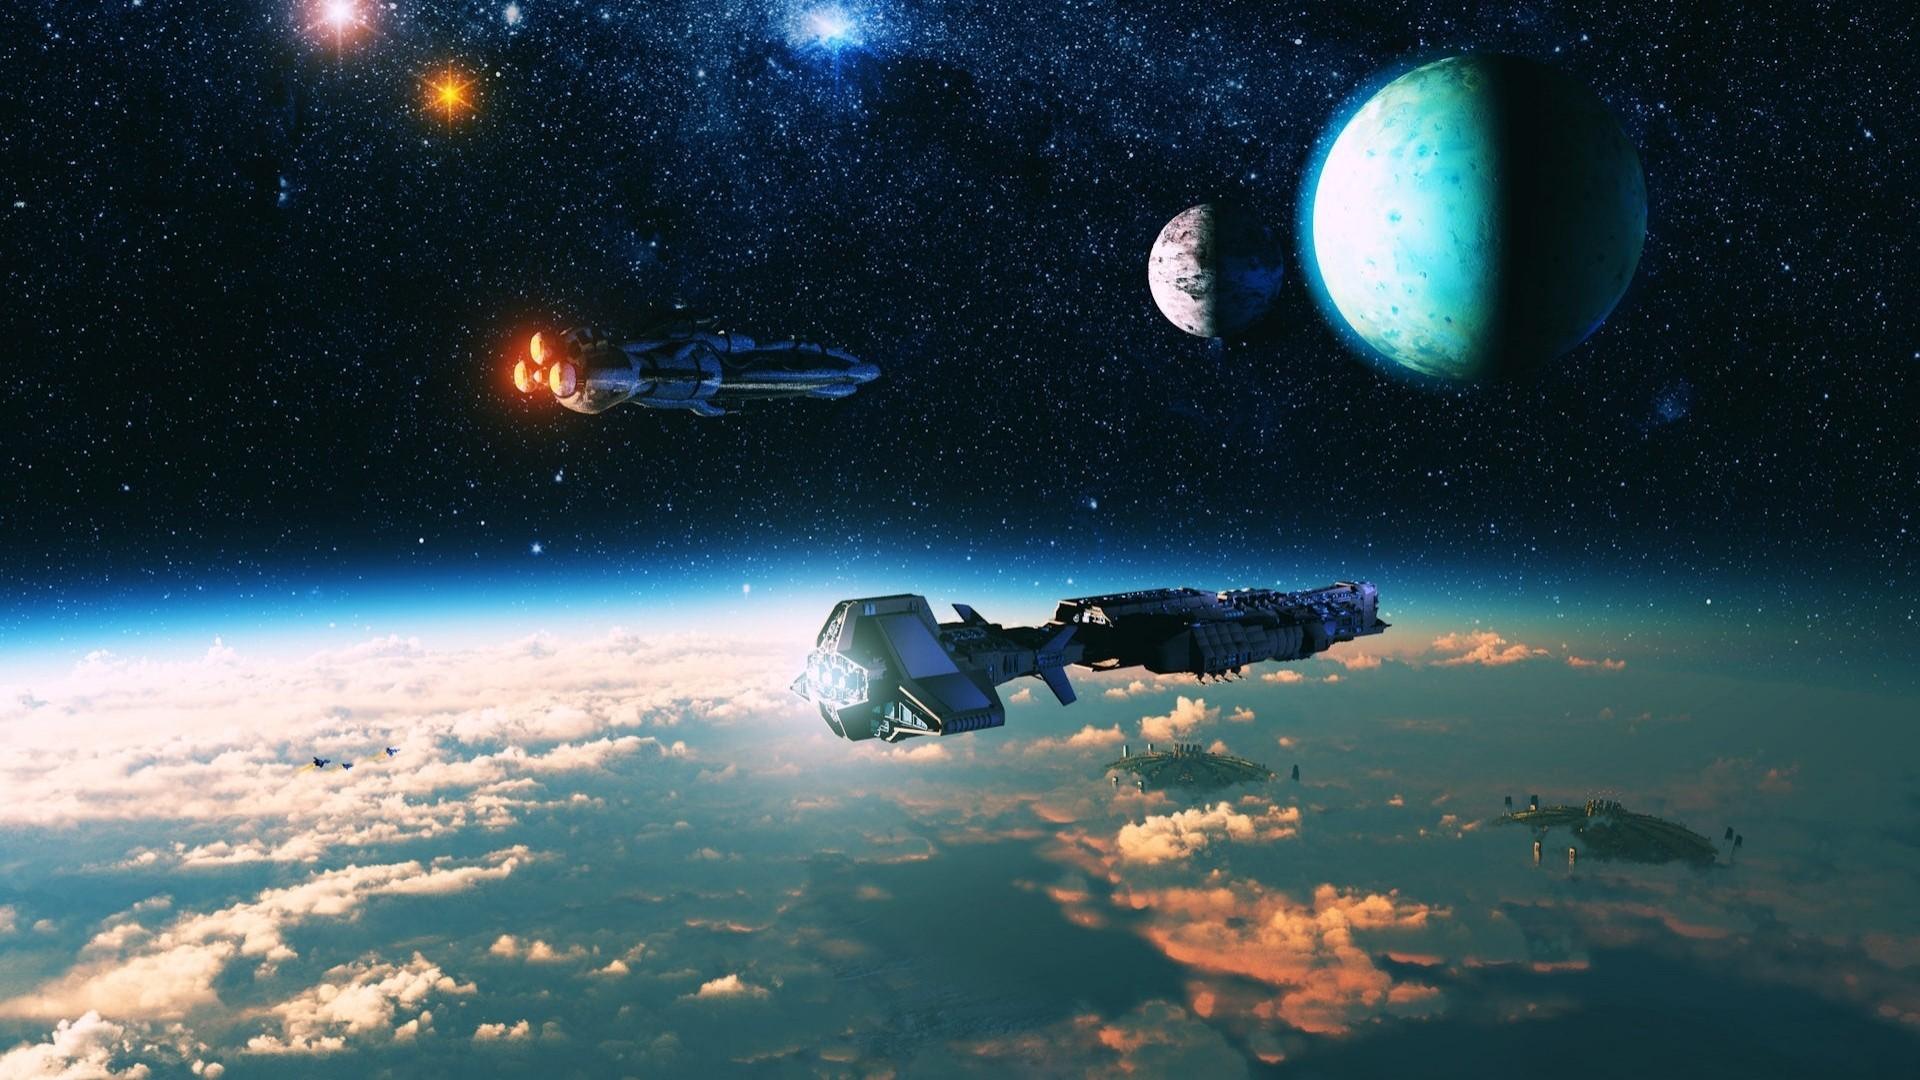 Охотник заНЛО нашел около Солнца две кубические аномалии